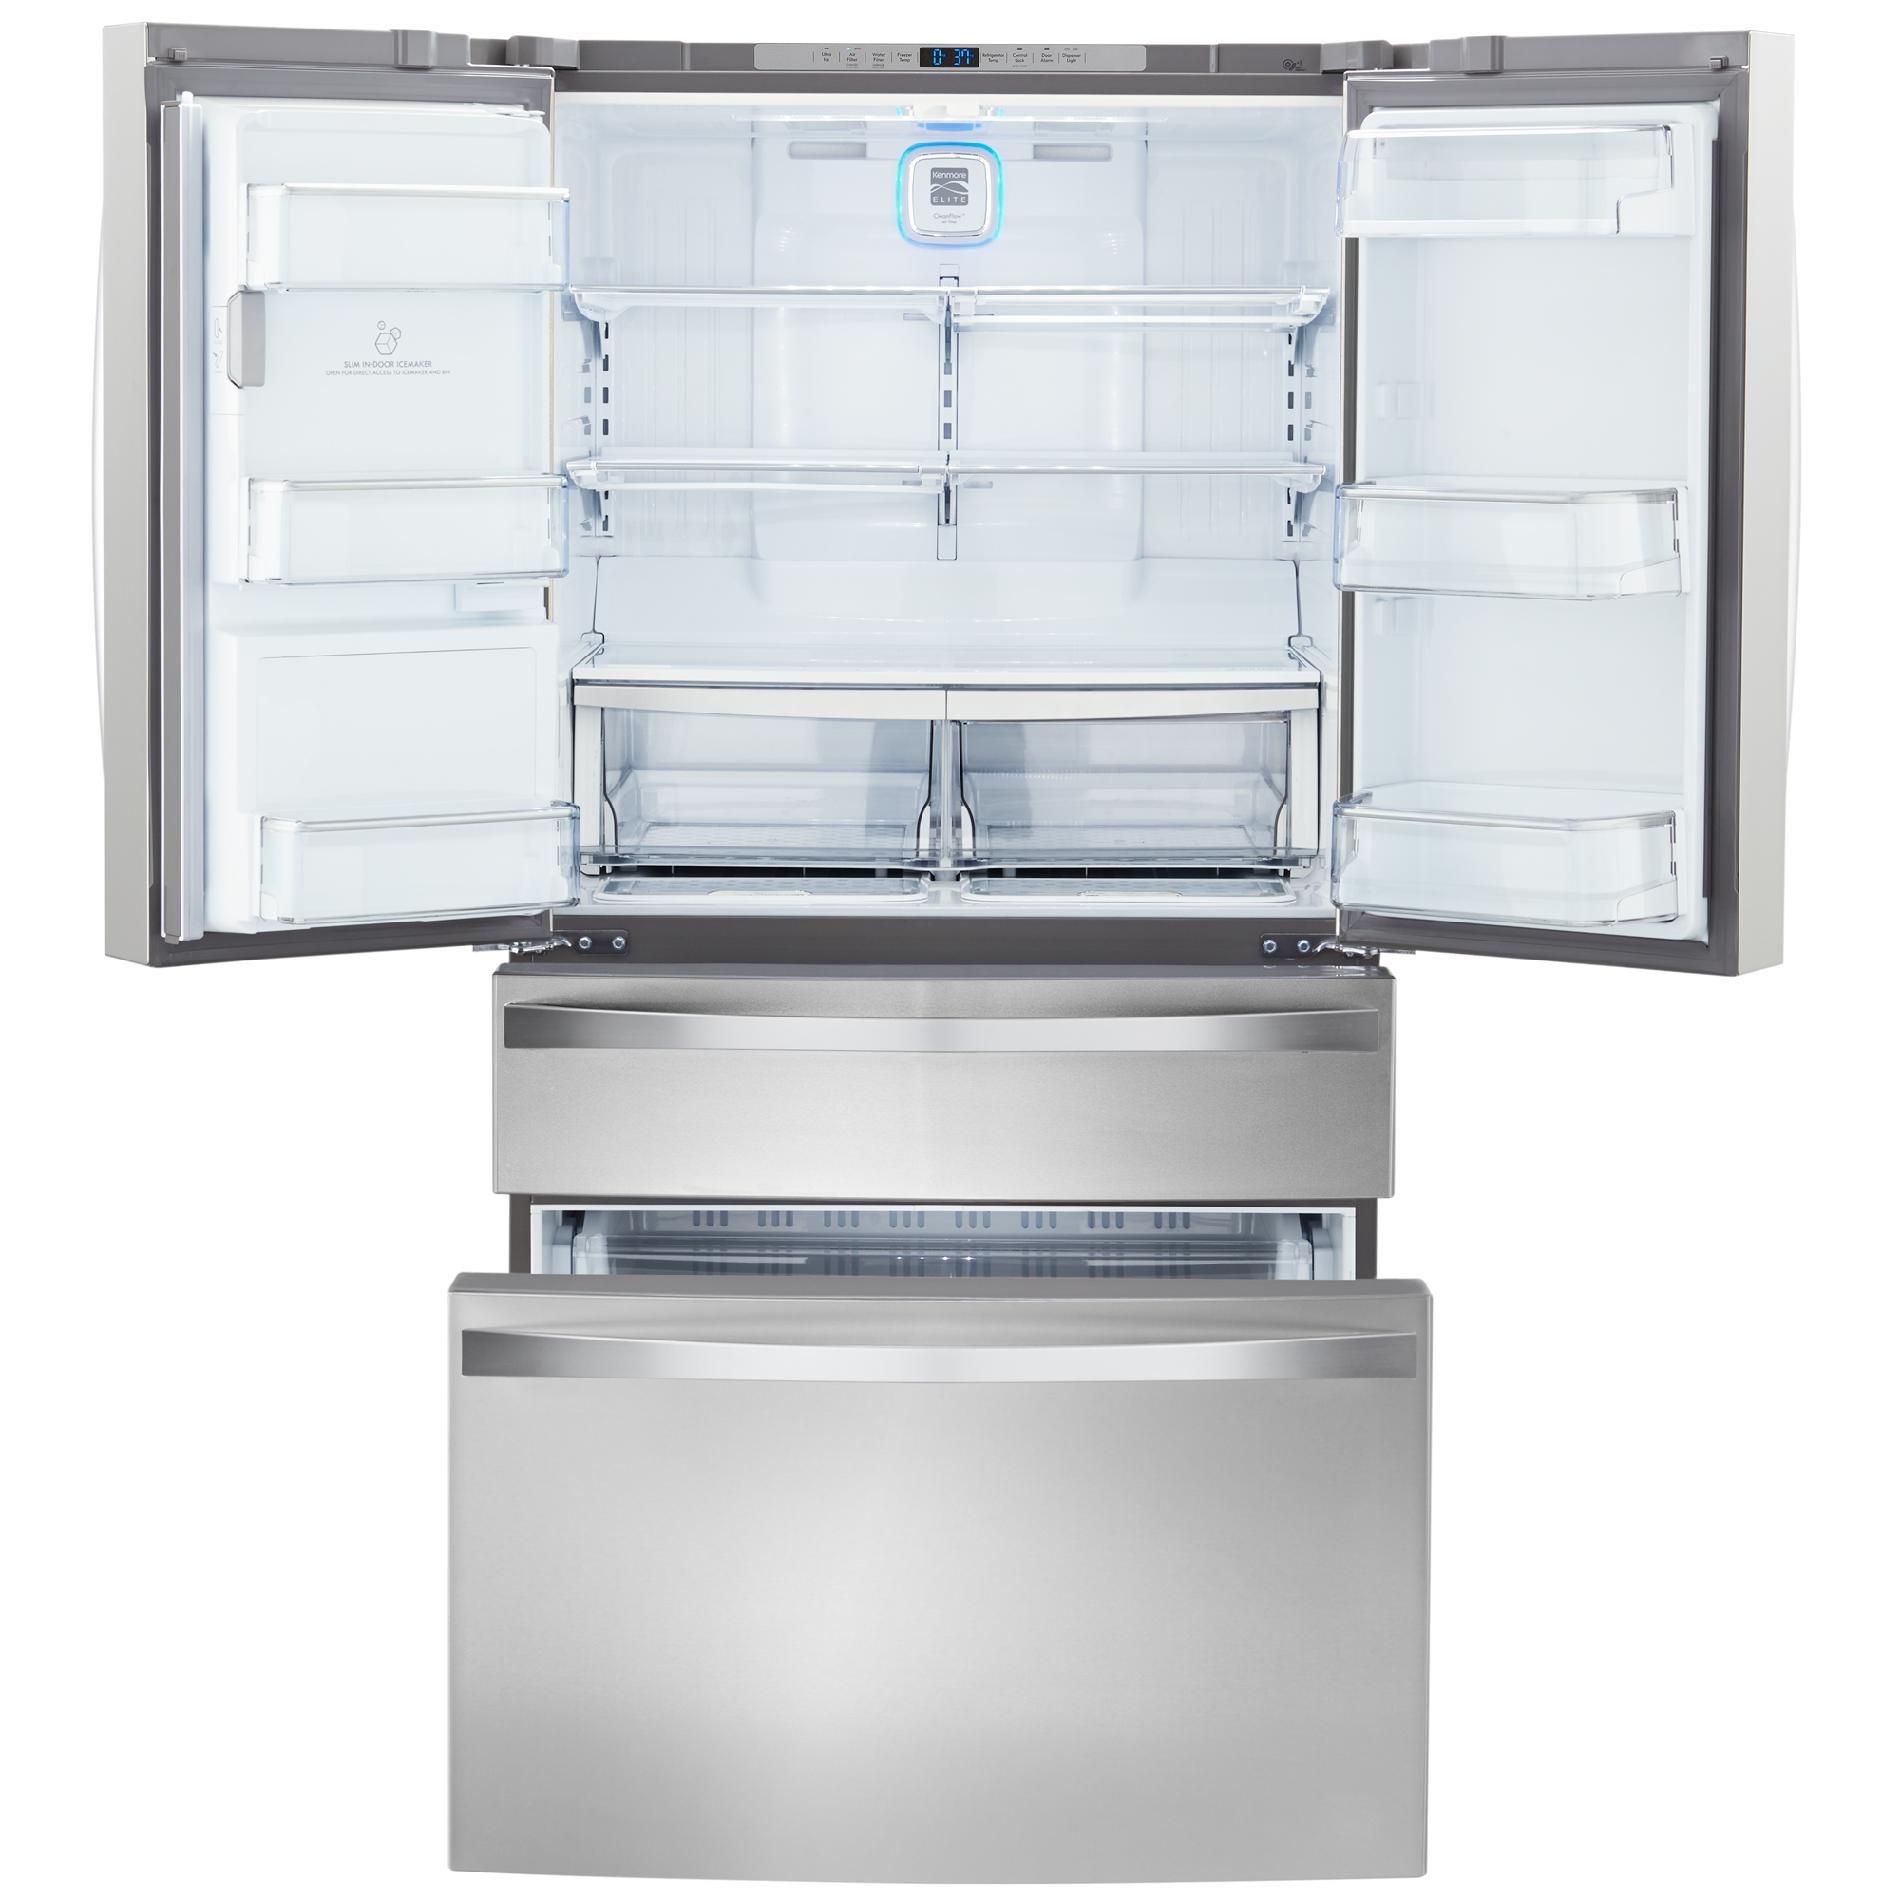 Kenmore Elite 72483 29.9 cu. ft. 4-Door Bottom-Freezer Refrigerator w/Dispenser - Stainless Steel